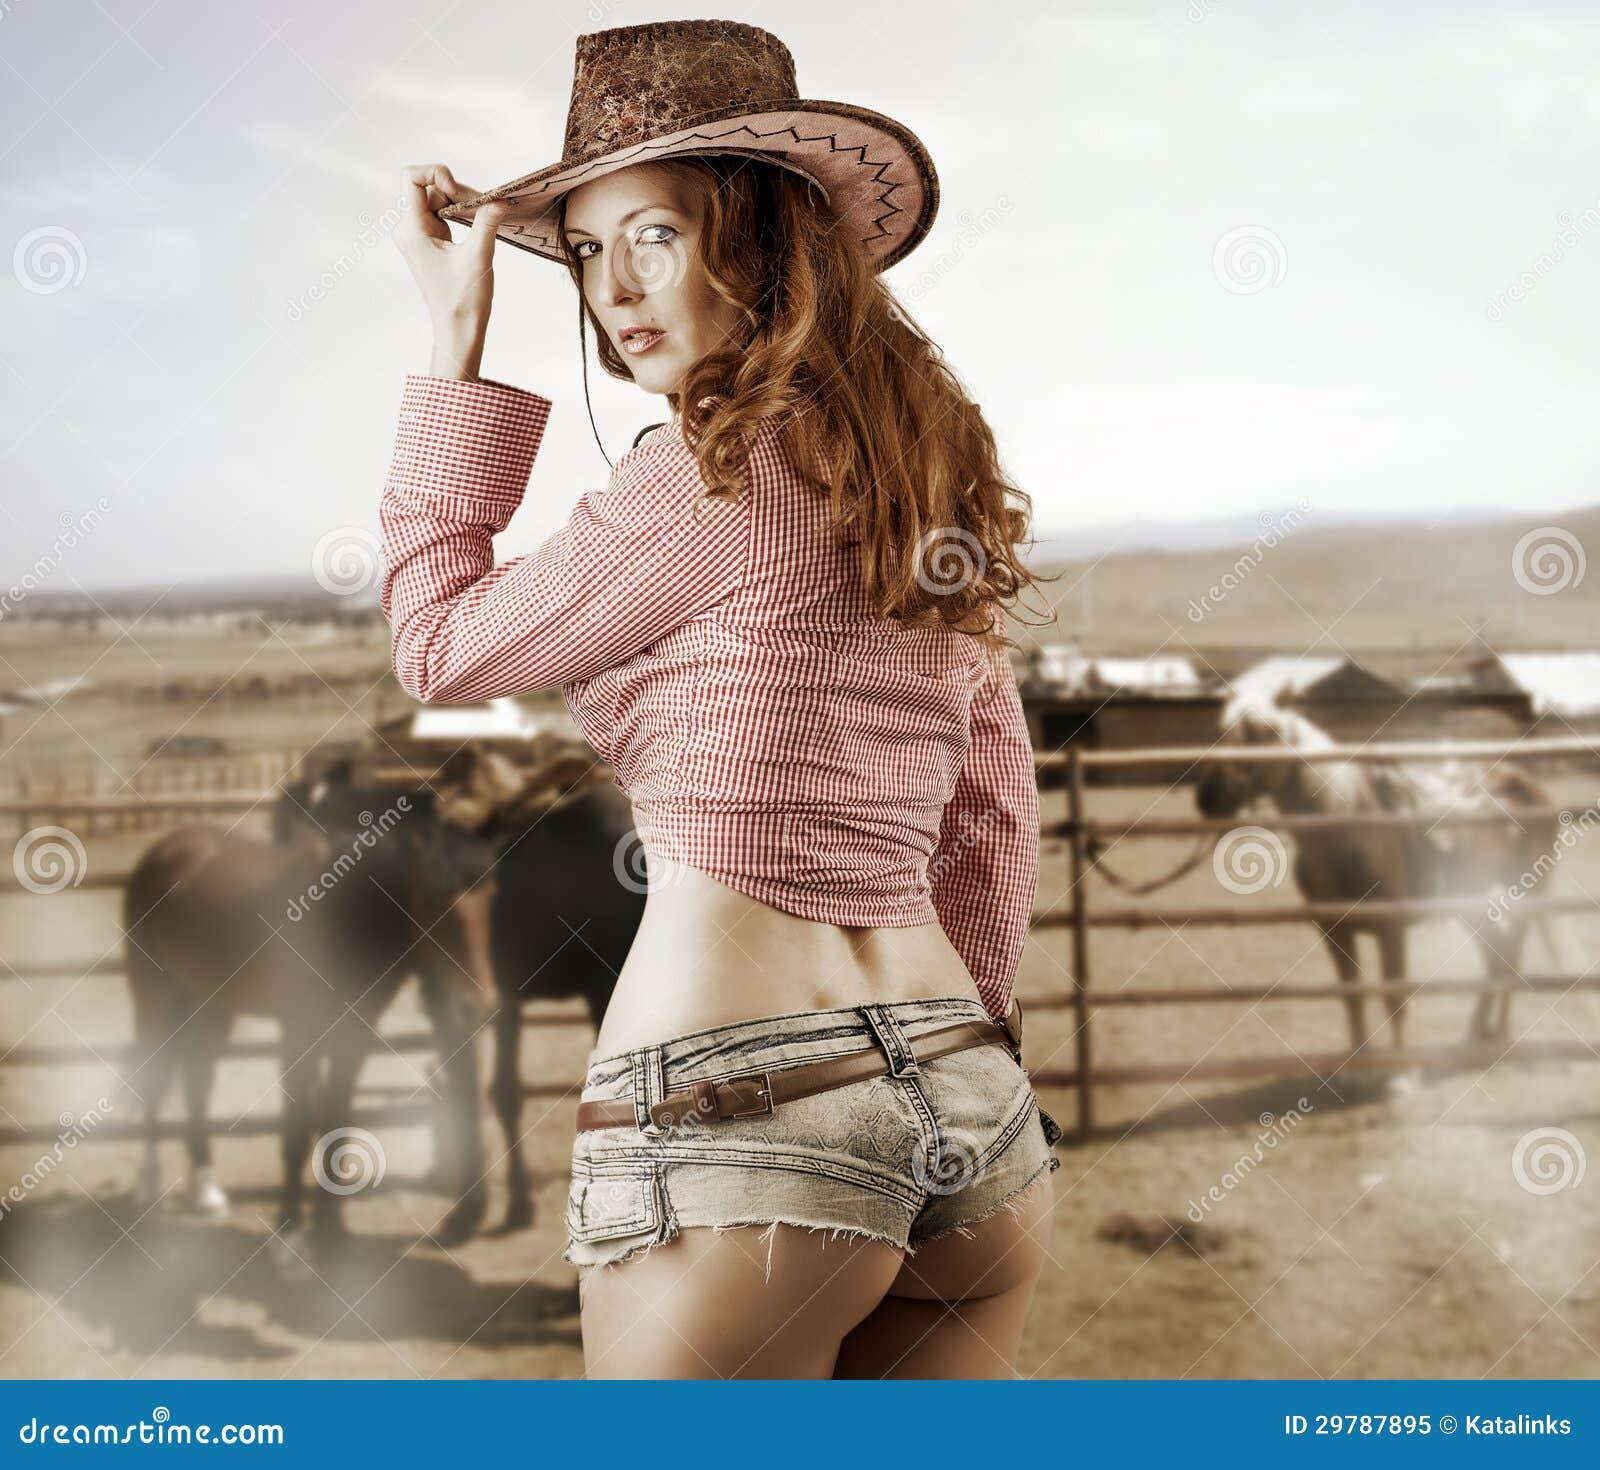 Фото девушек в ковбойской шляпе 17 фотография